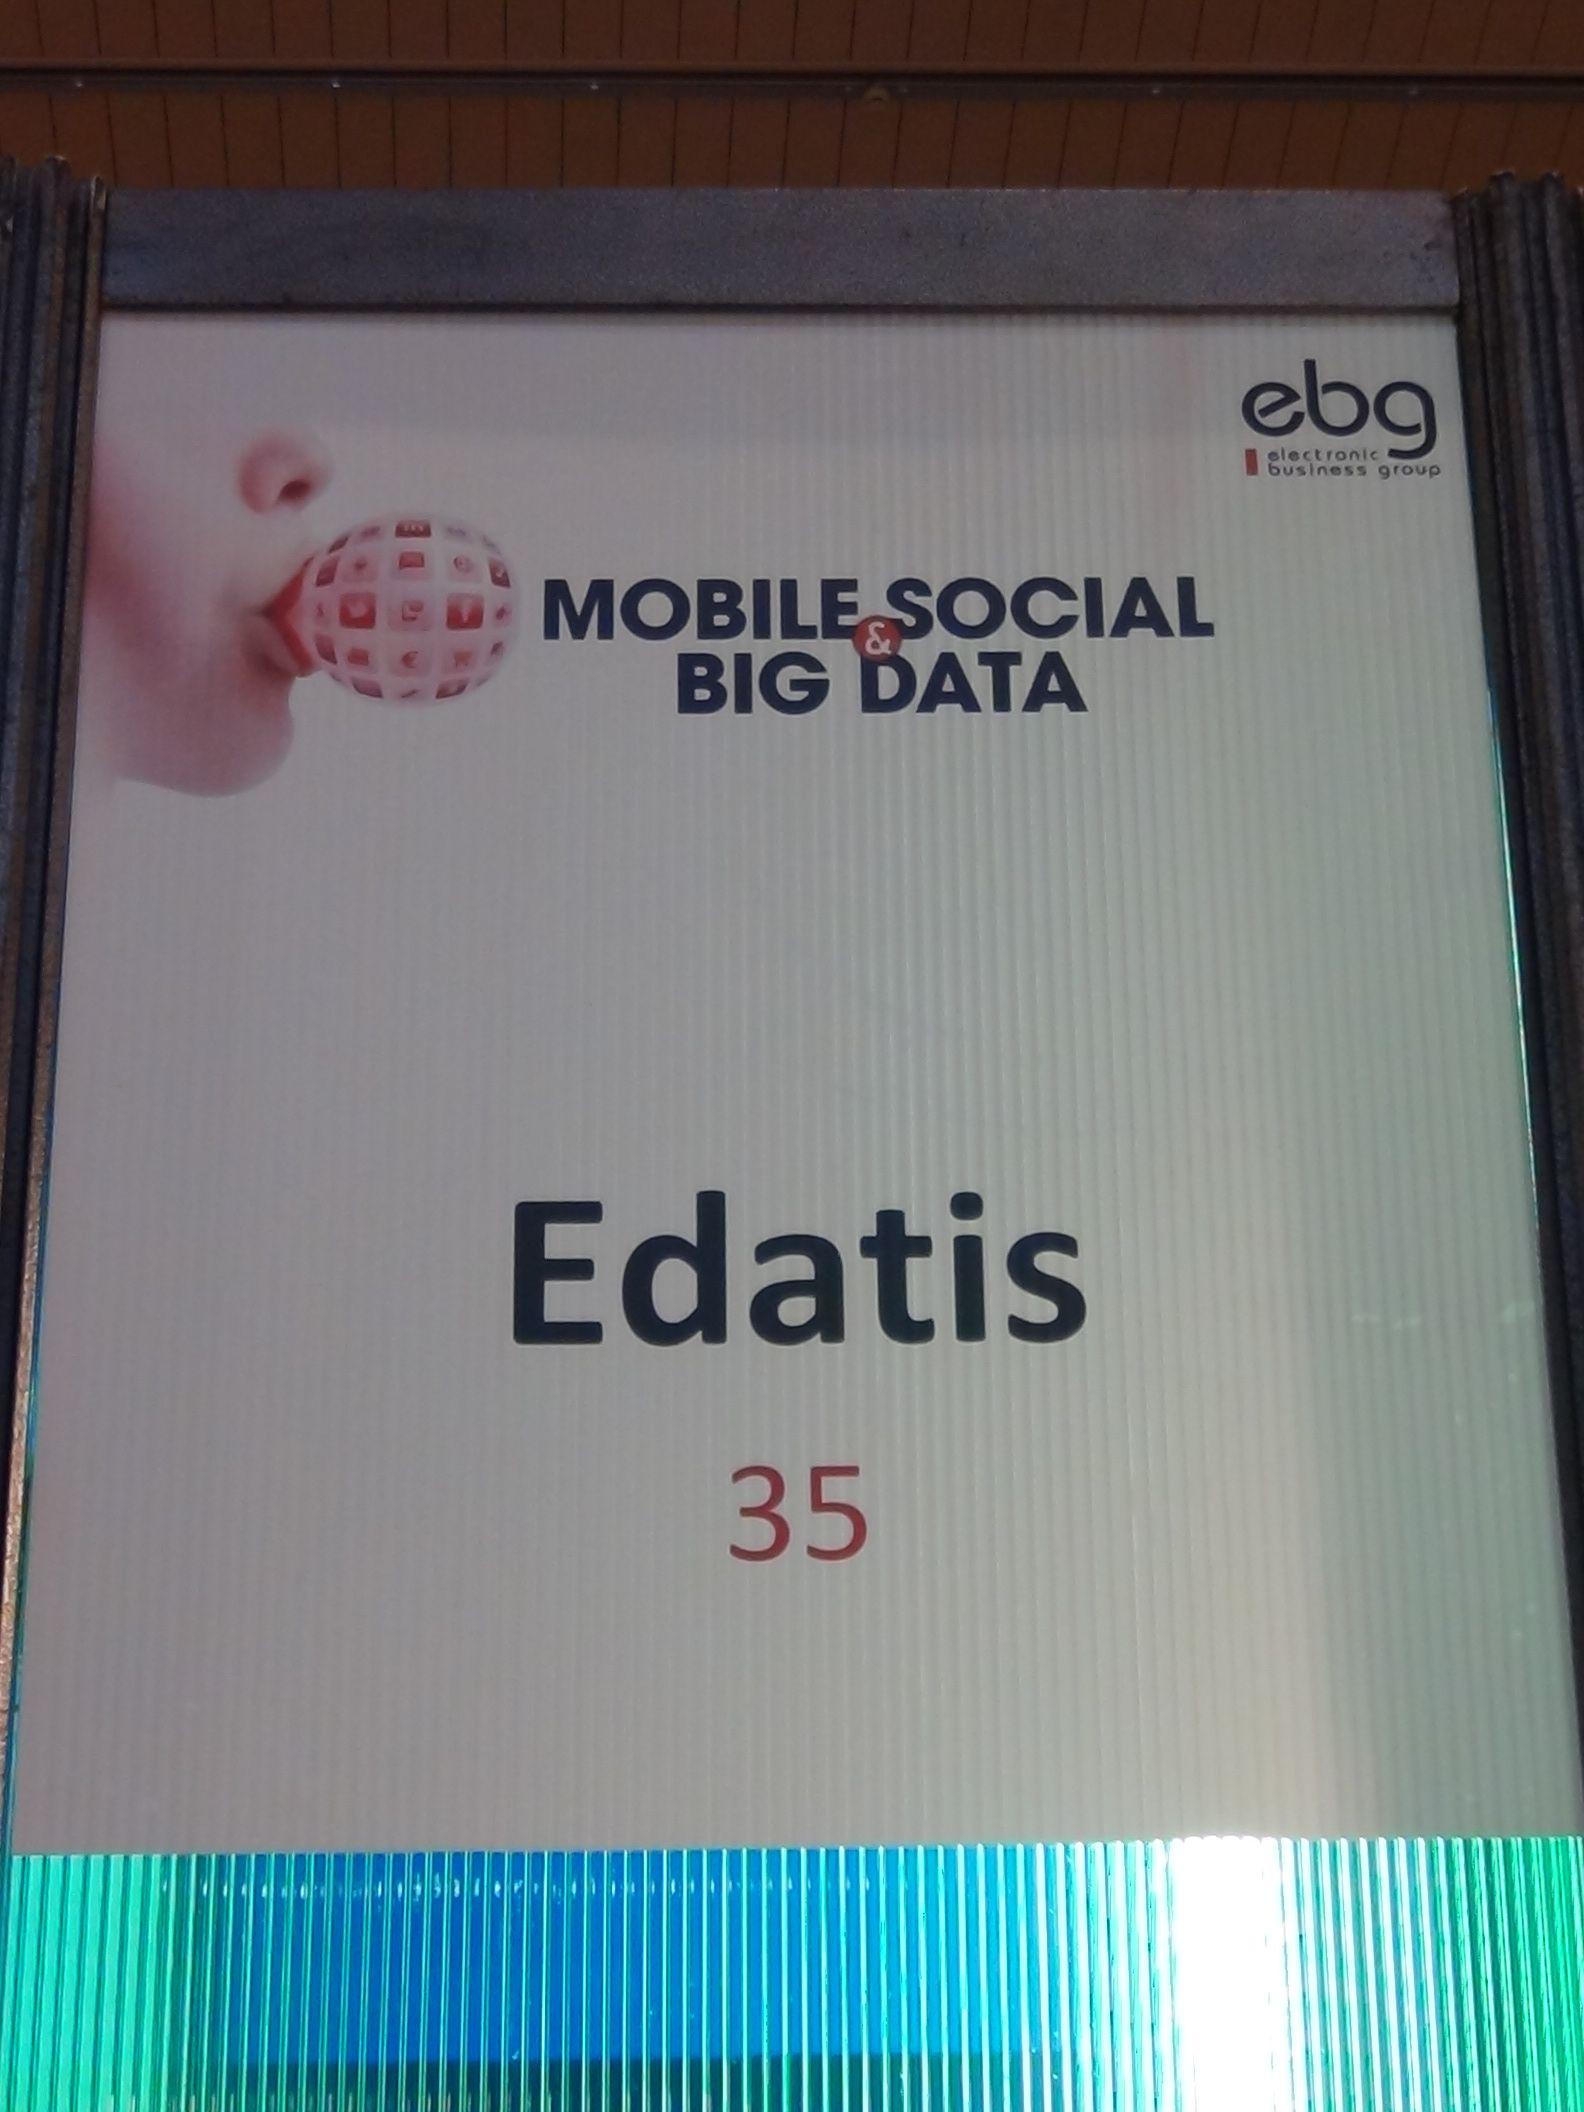 Edatis à l'événement Mobile, Social & Big Data, organisé par #ebg